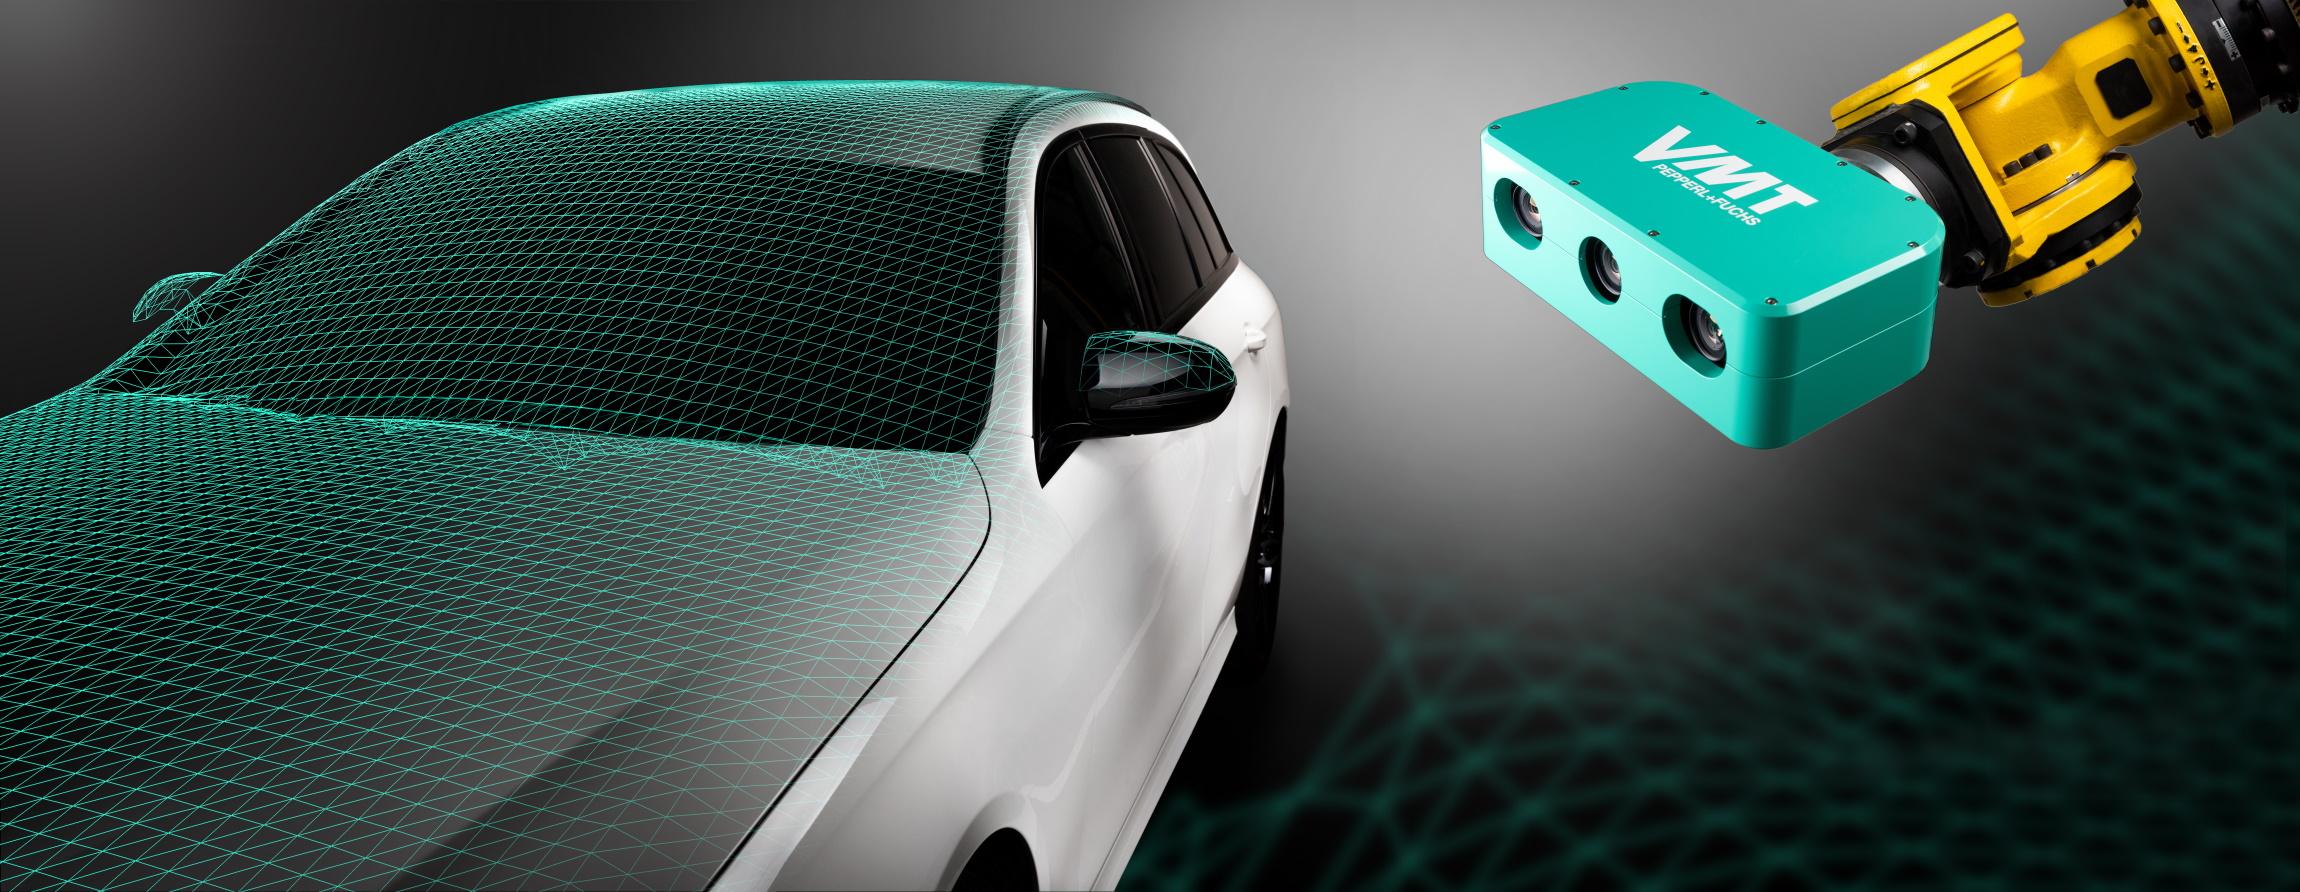 3D-Vision mit integrierter Kollisionsvermeidung